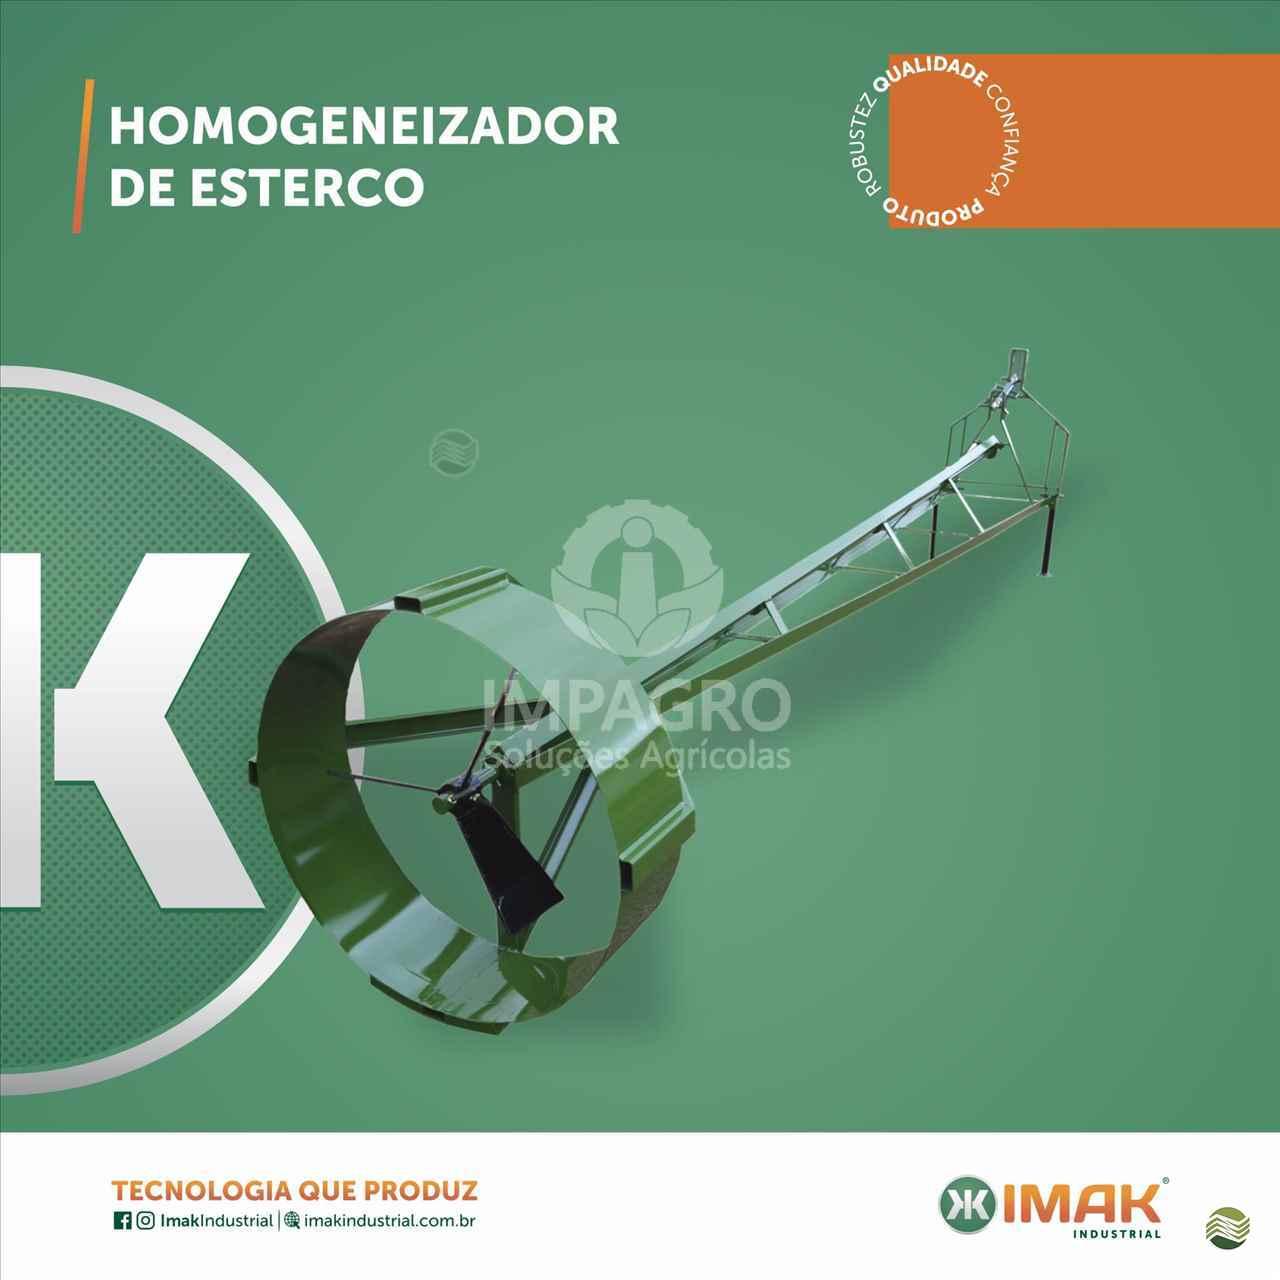 IMPLEMENTOS AGRICOLAS HOMOGENEIZADOR HOMOGENEIZADOR MISTURADOR Impagro Soluções Agrícolas AJURICABA RIO GRANDE DO SUL RS